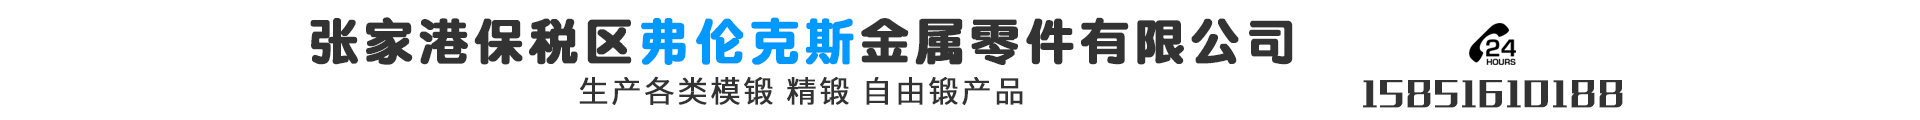 张家港保税区弗伦克斯金属零件有限公司